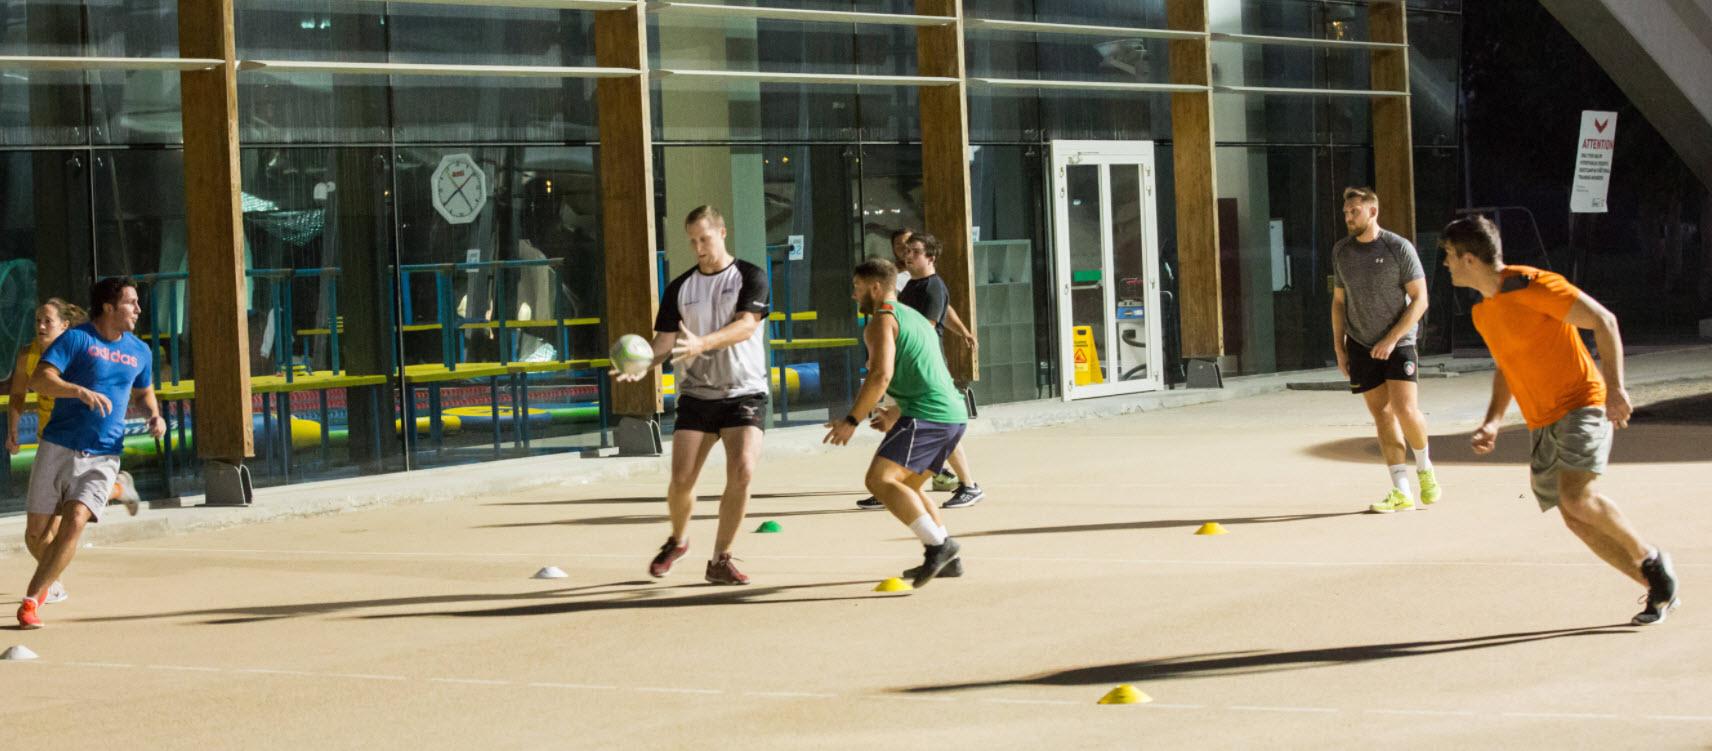 مدينة دبي الرياضية تنشئ فريقًا جديدًا للرجبي يدعى إيجيلز دي إس سي